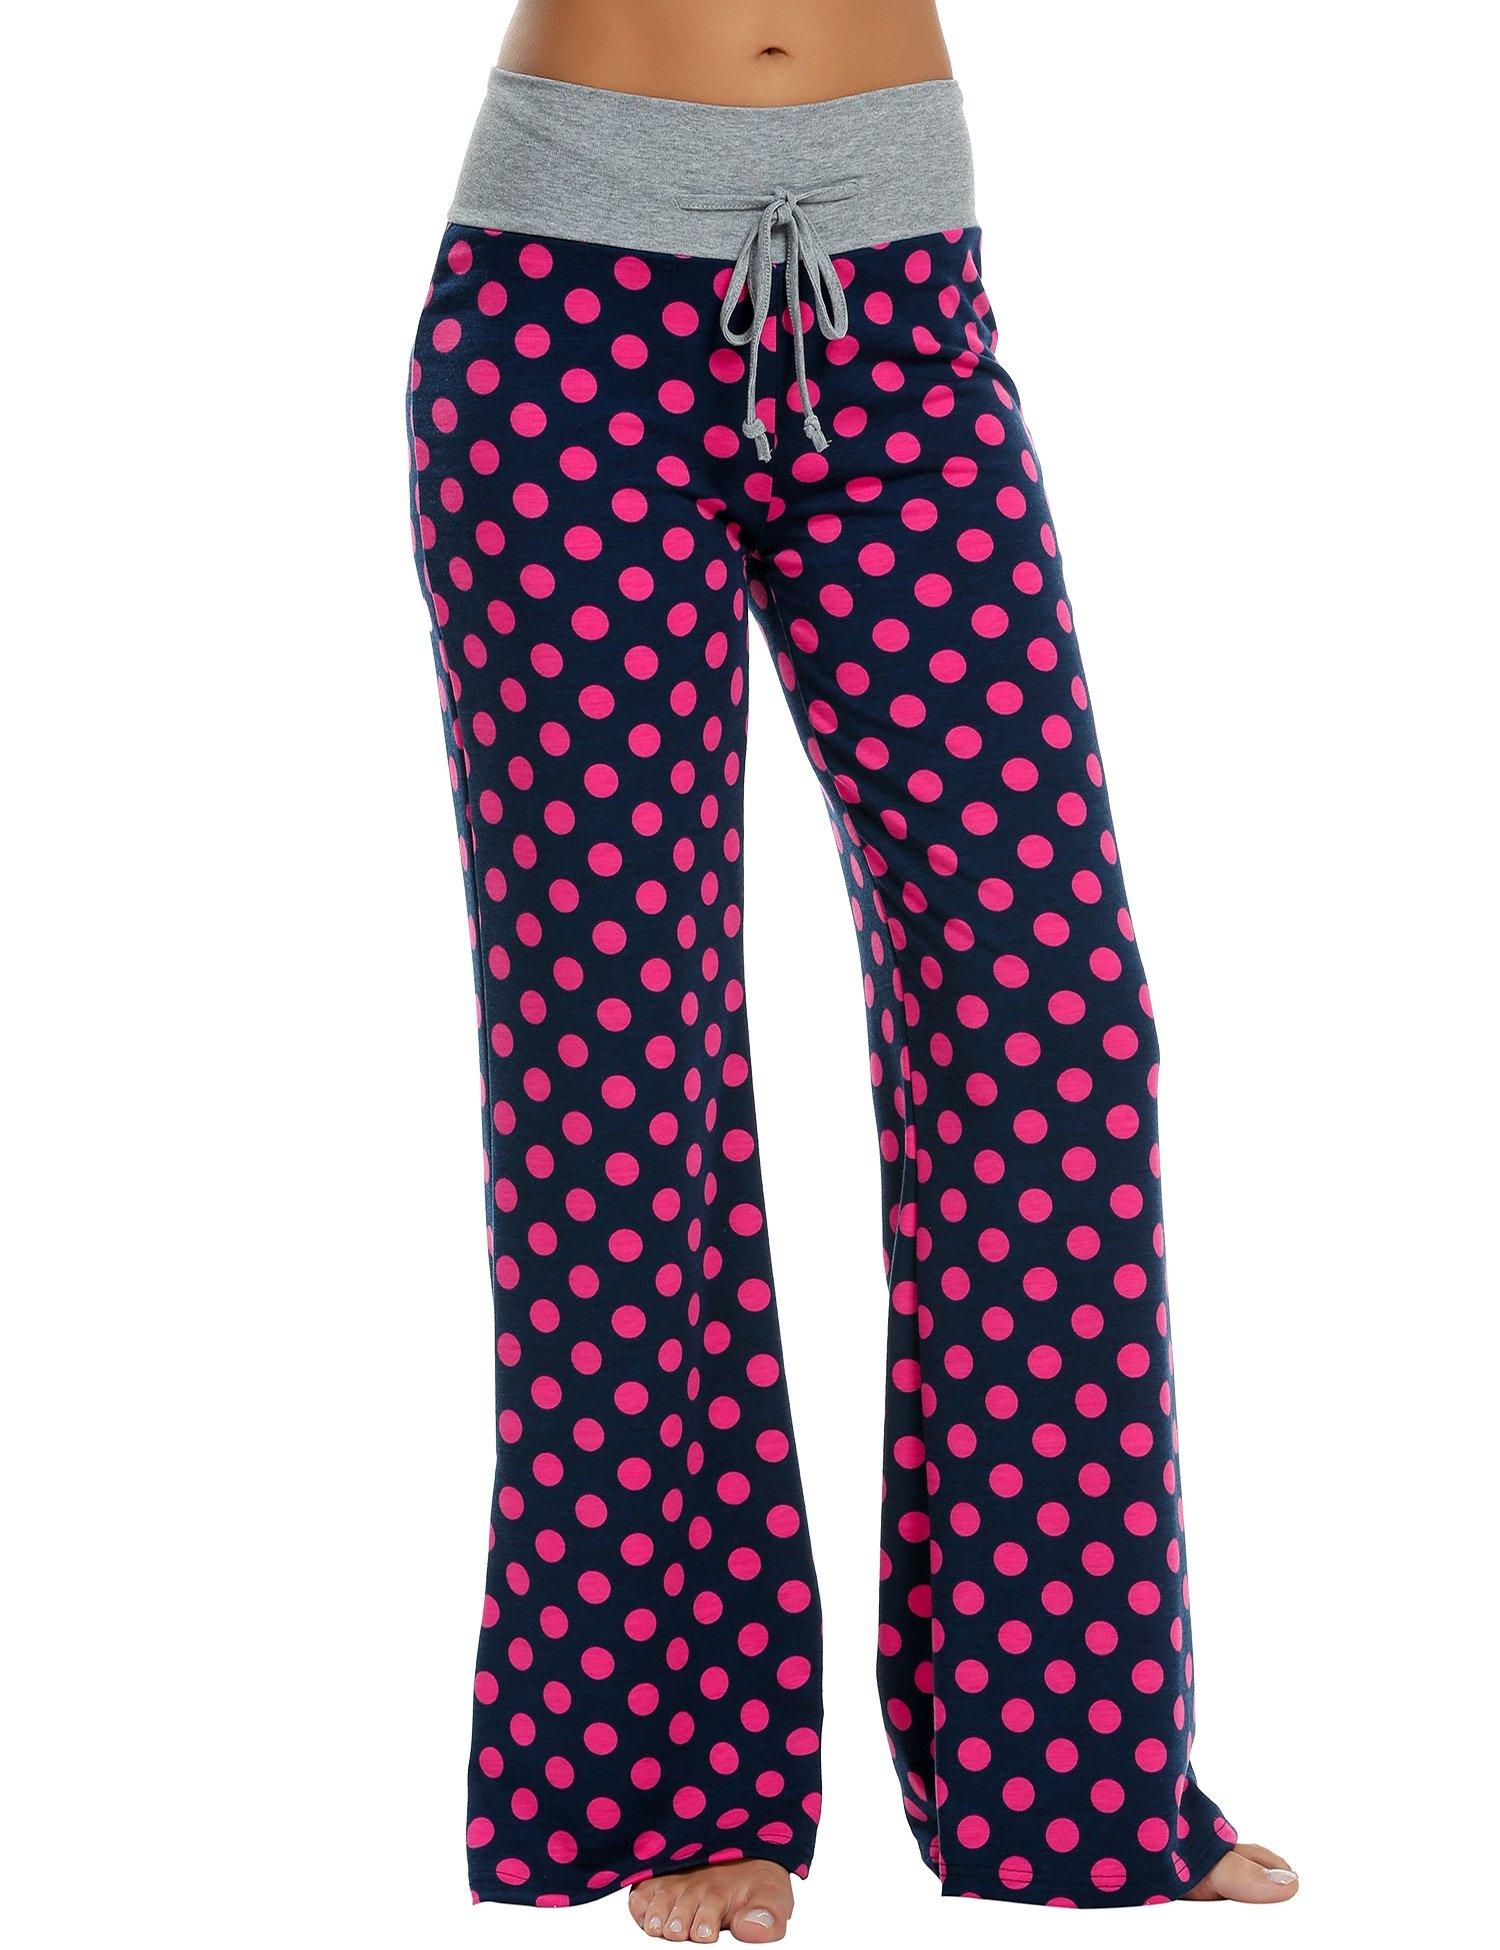 HOTOUCH Damen Schlafanzughose Pyjamahose Nachtwäsche Sweathose Beiläufige Lang Freizeithose mit Breitem Elastischem Bund aus Baumwolle